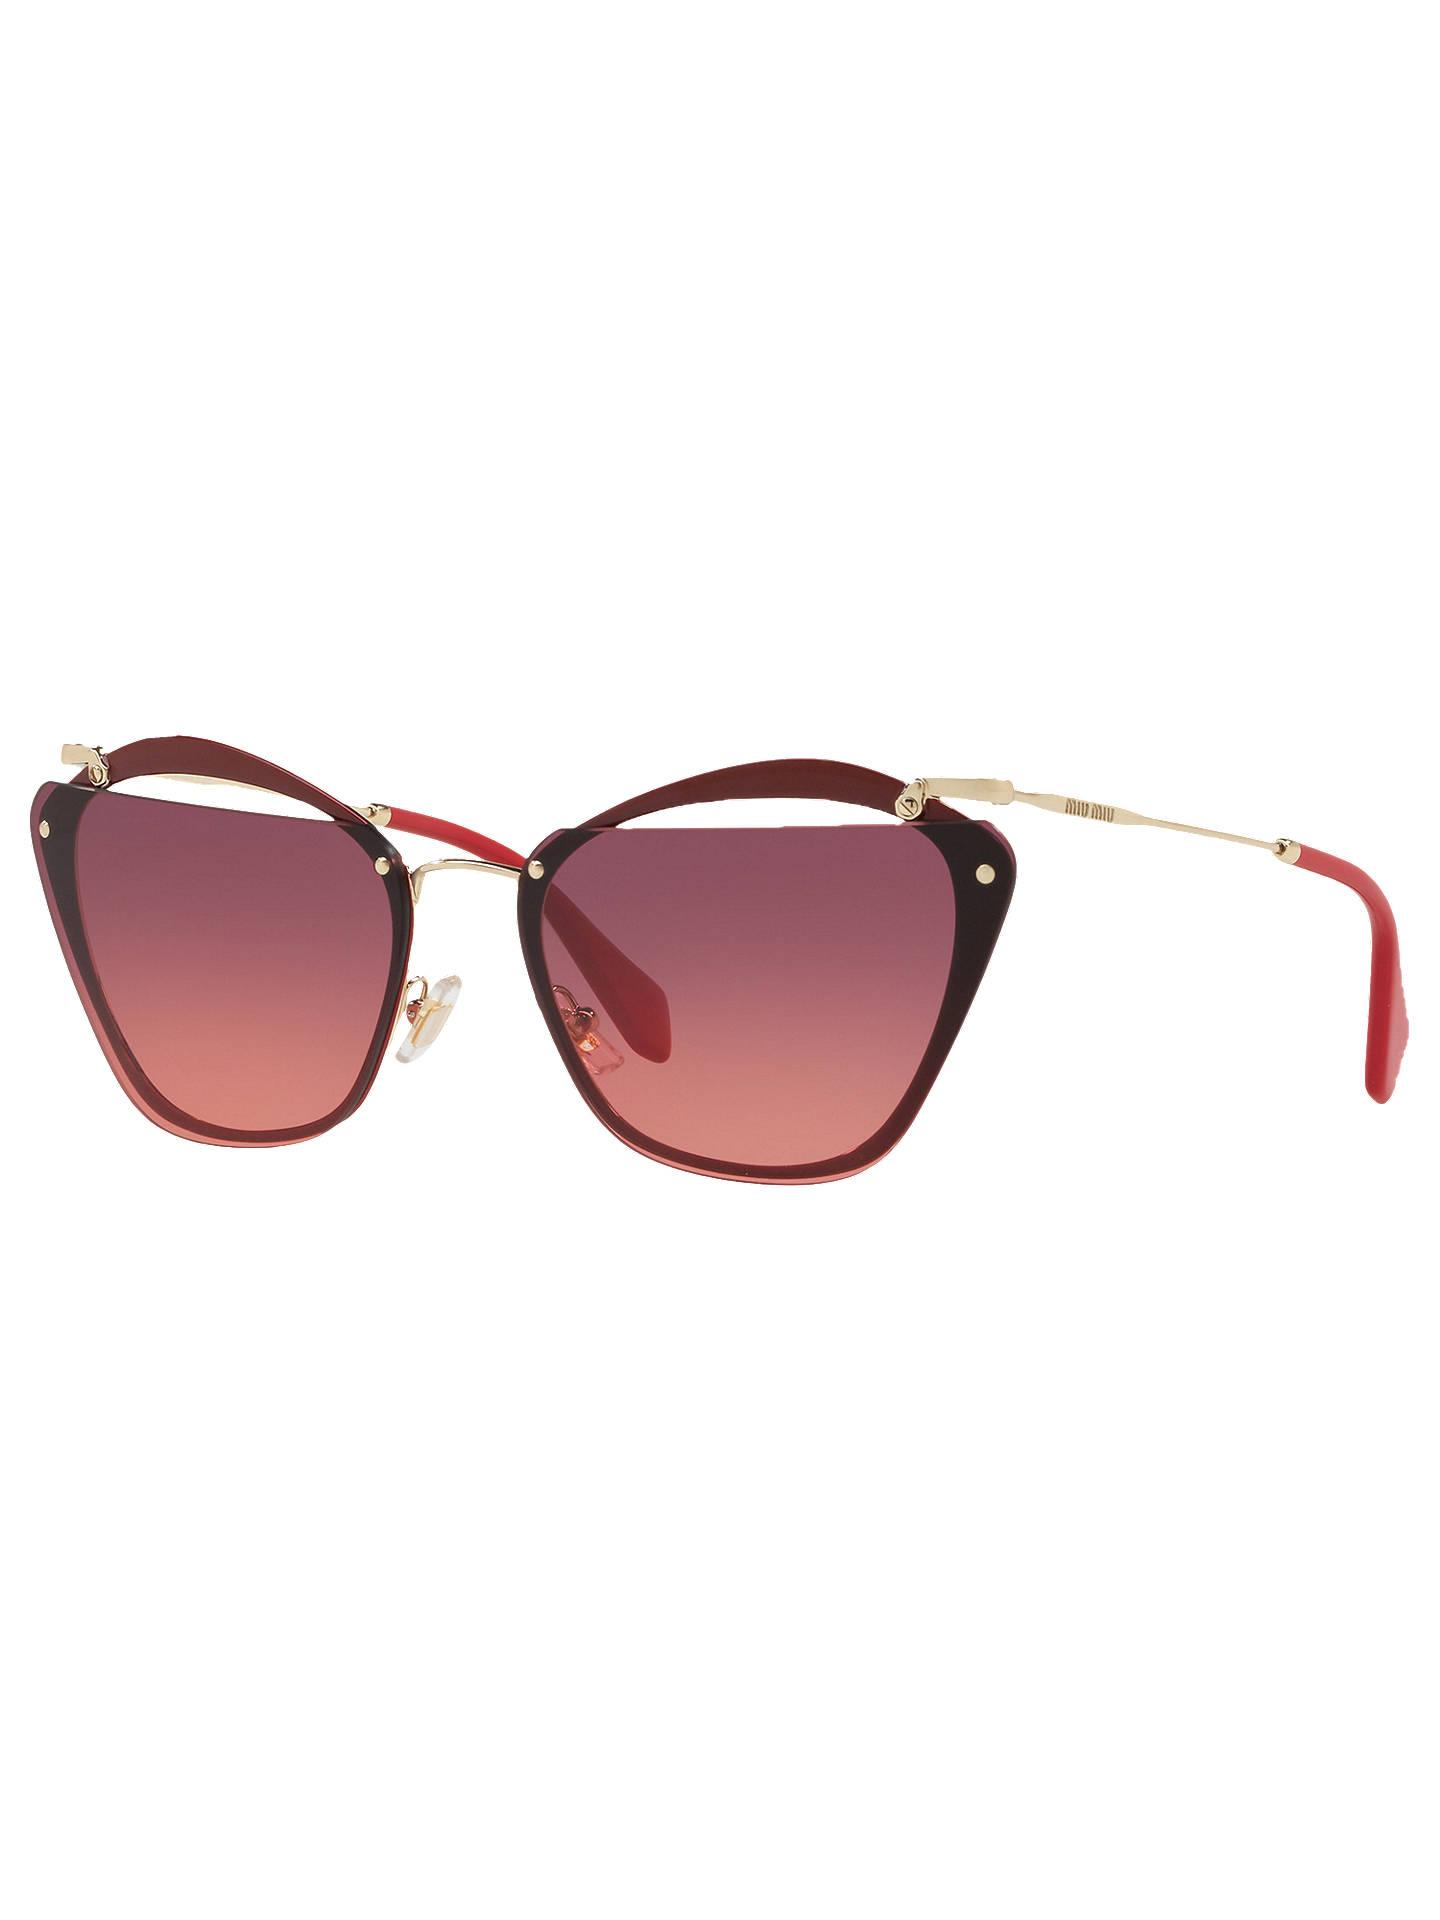 06d8f7dd935c Buy Miu Miu MU54TS Polarised Square Sunglasses